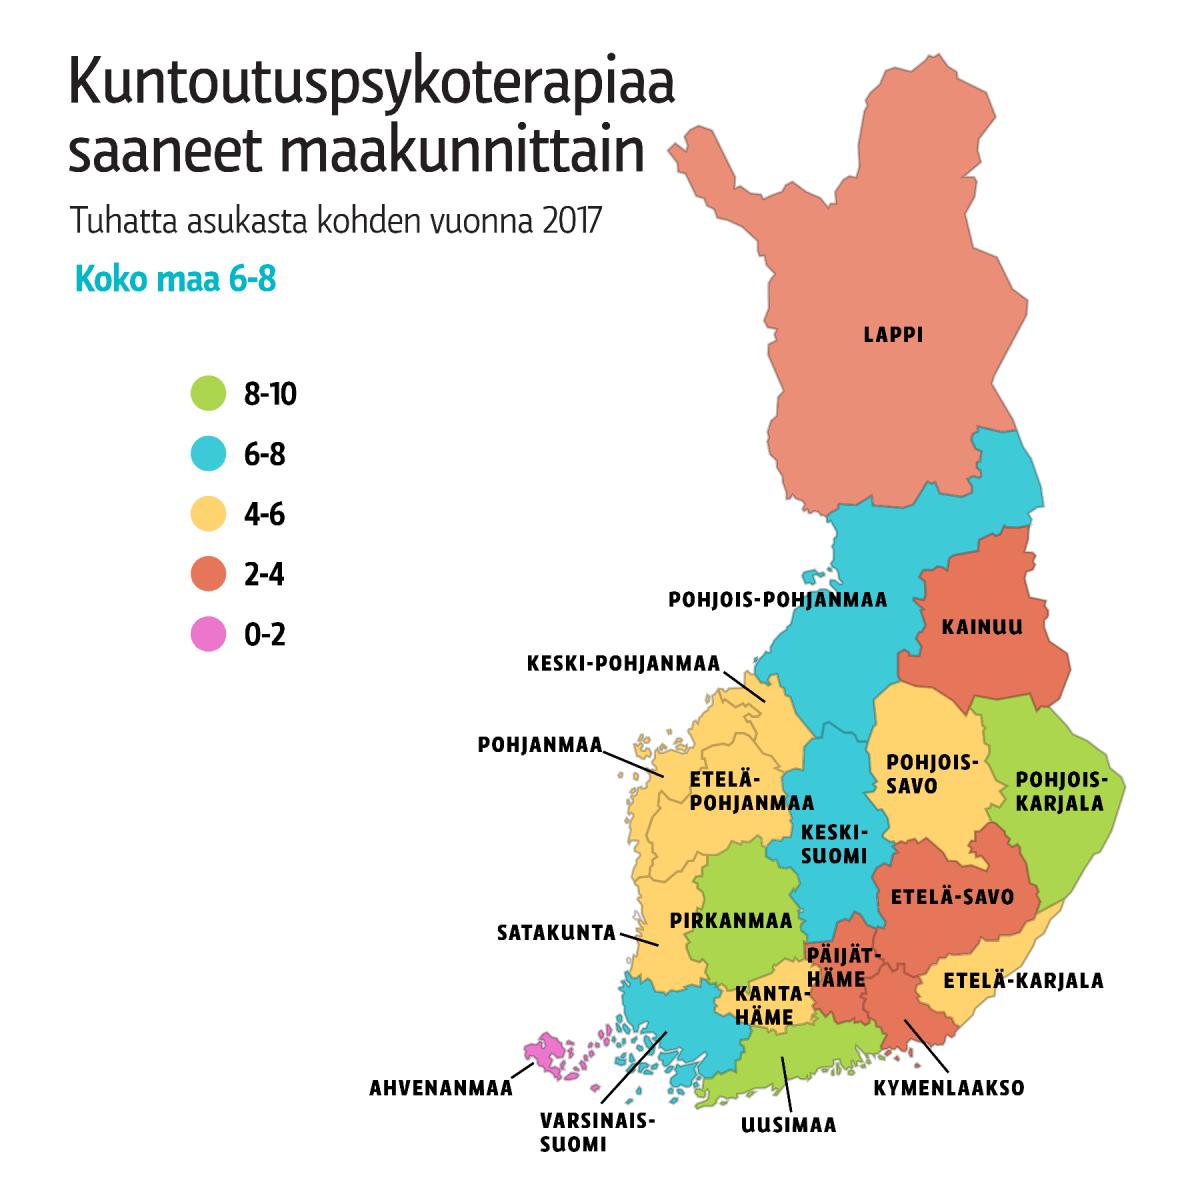 Kuntoutuspsykoterapiaa saaneet maakunnittain 2017.